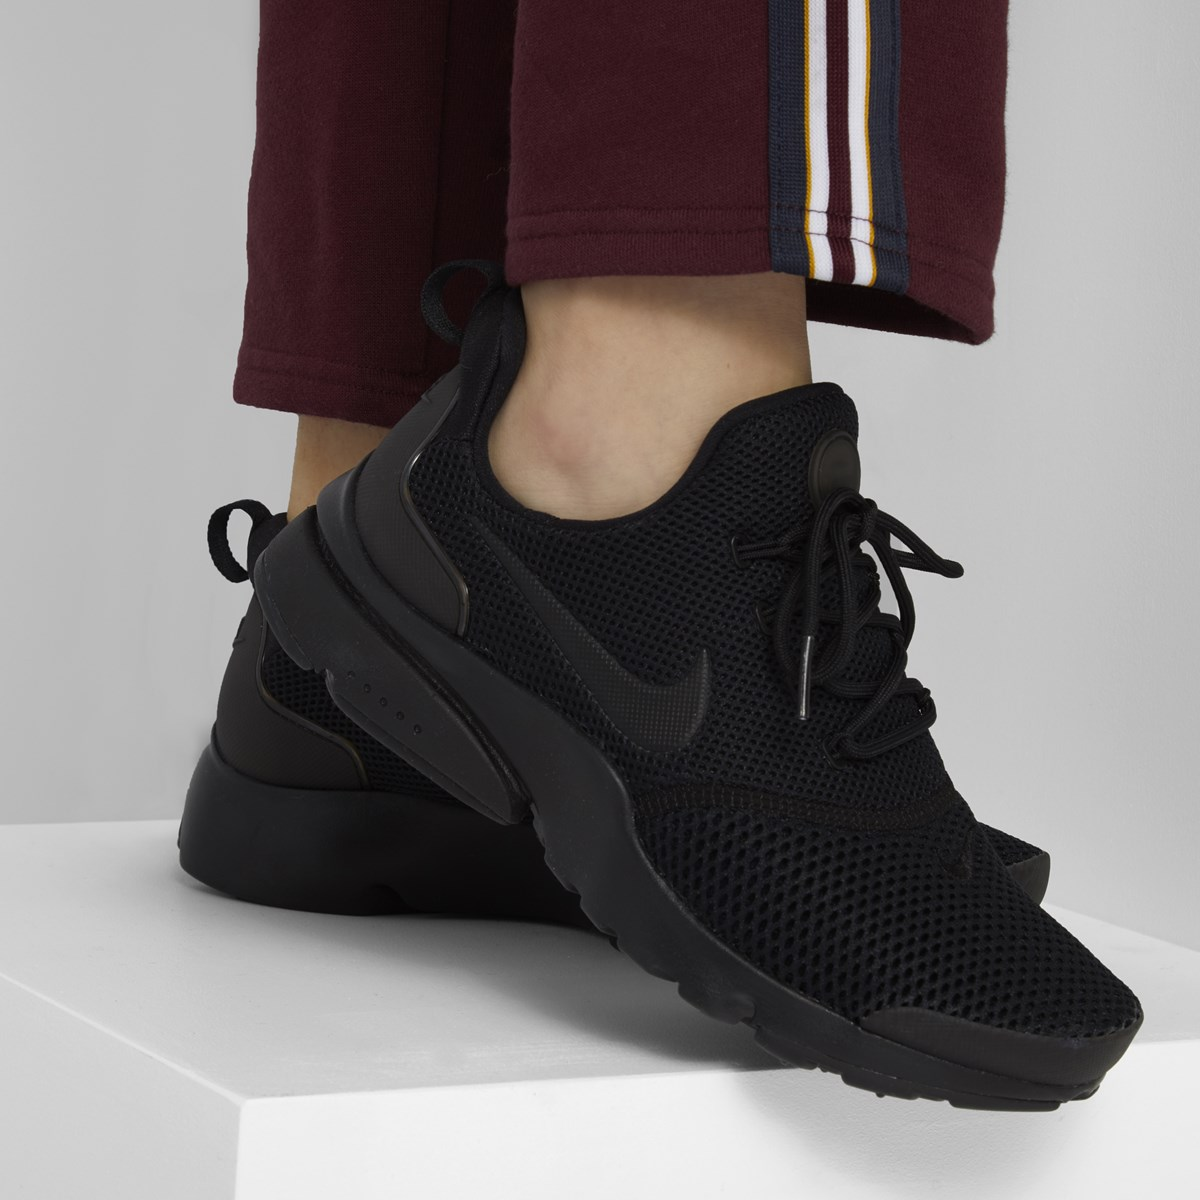 finest selection 9d38c acf78 Women's Presto Fly Sneaker in Black